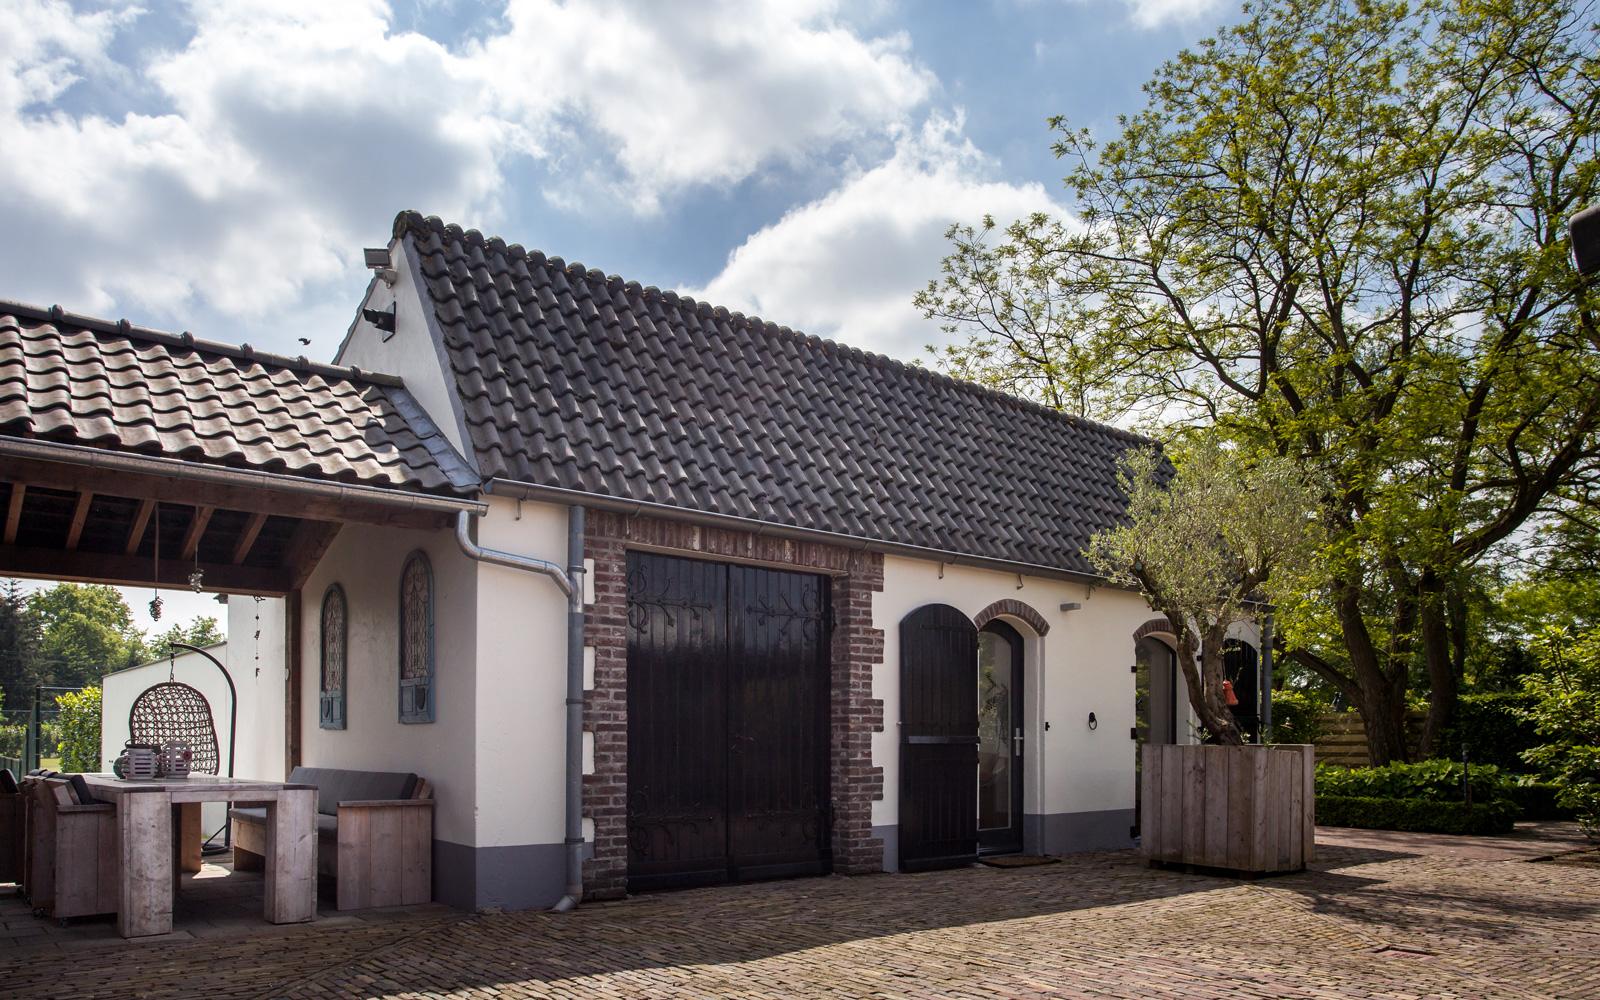 Exclusief wonen, The art of living, Bob Romijnders Architectuur + Interieur, Roelofs Tuinen & Planten, Architectuur, Tuinontwerp, Exterieur